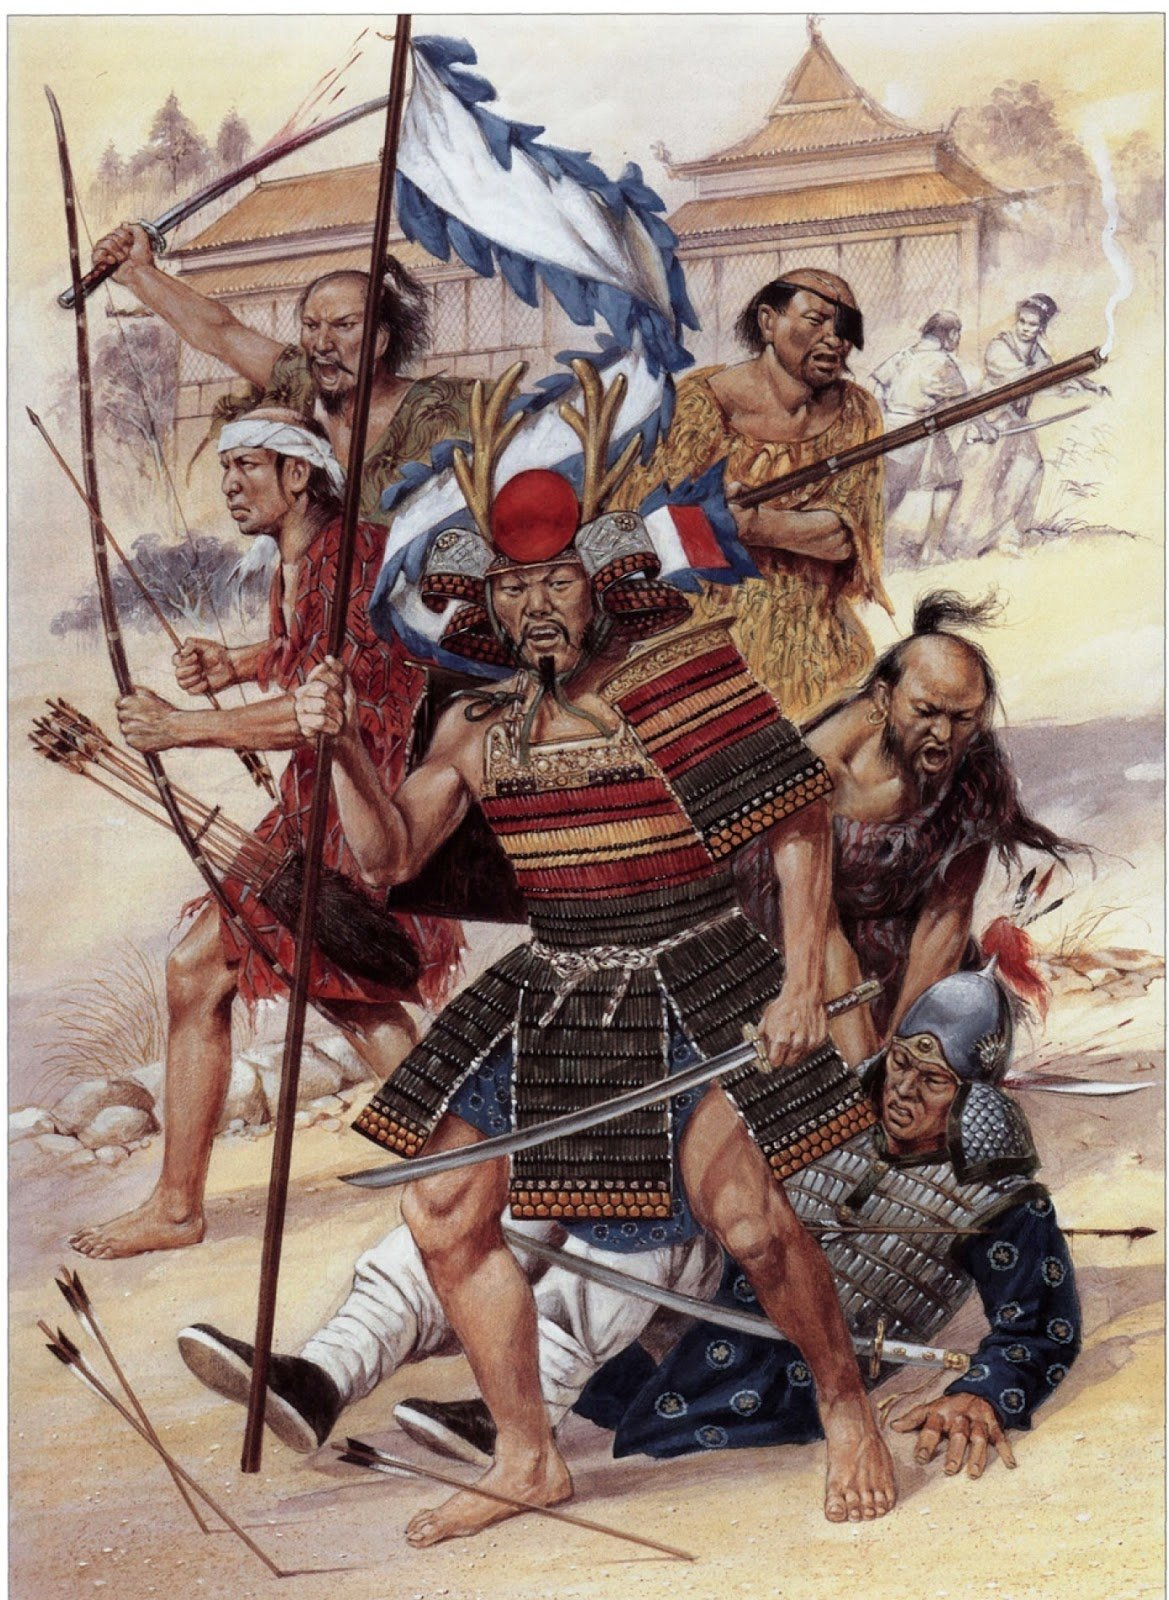 история каратэ окинава боевые искусства отвратительные мужики disgusting men